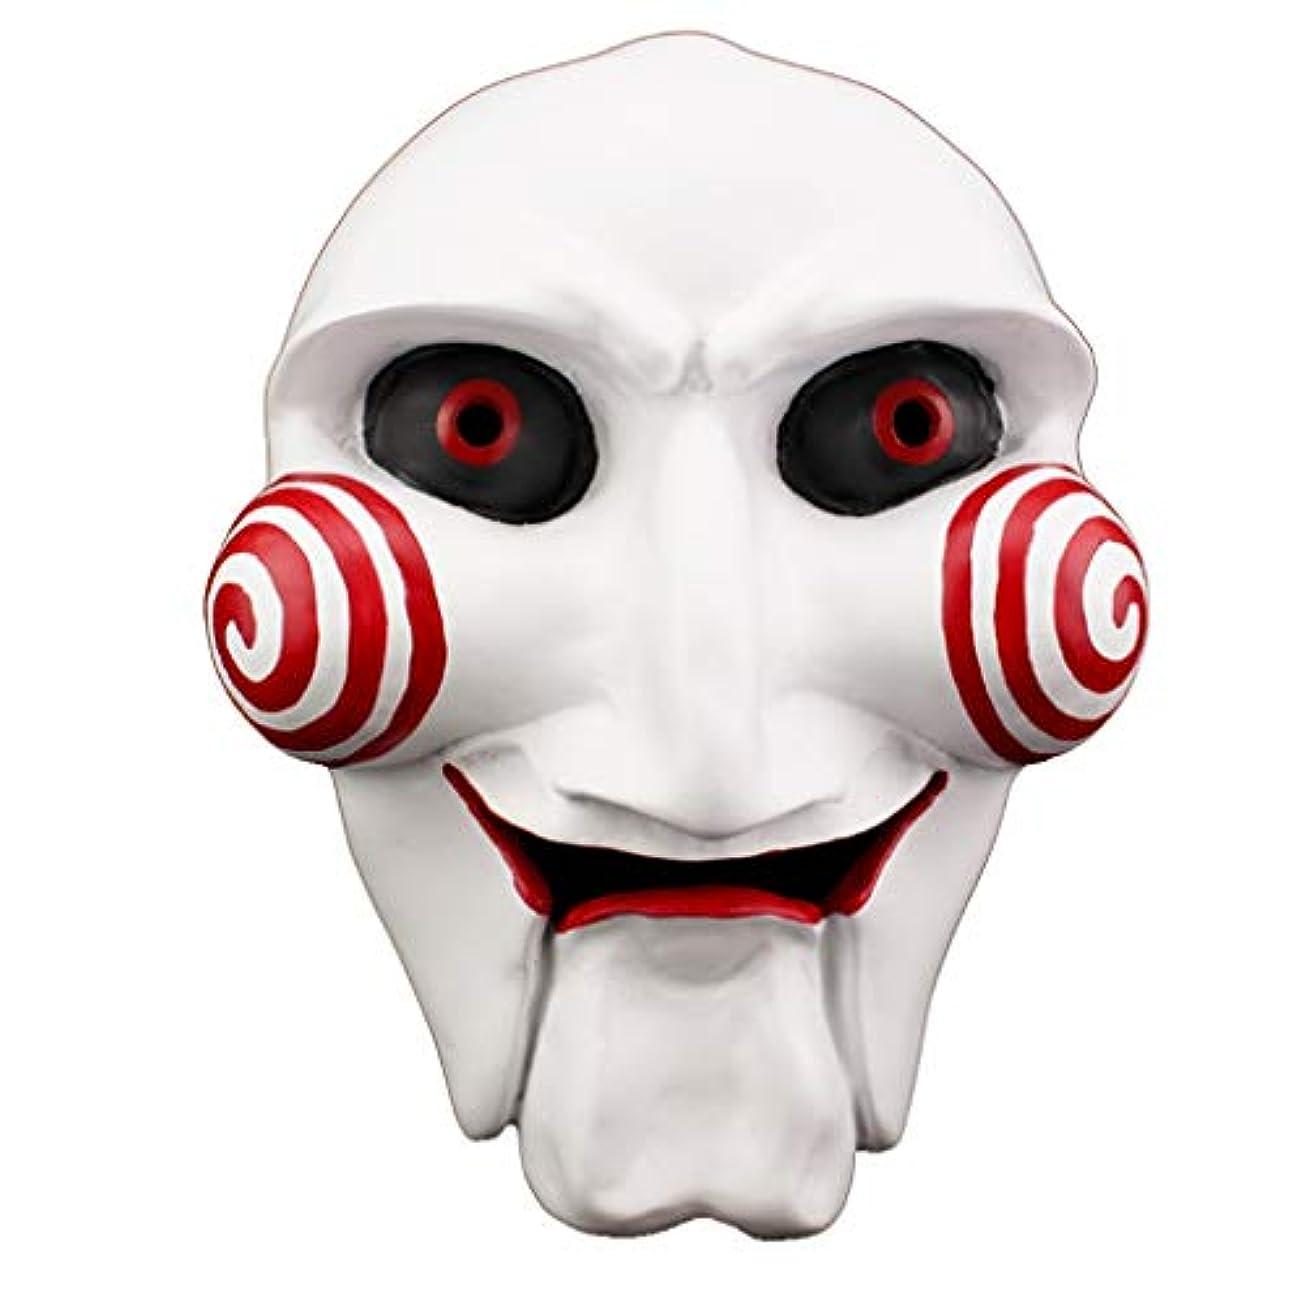 しなやかドライバ細分化するハロウィンホラーマスク、チェーンソークリプトテーママスクマスカレード樹脂マスク(22.5 * 12 cm)